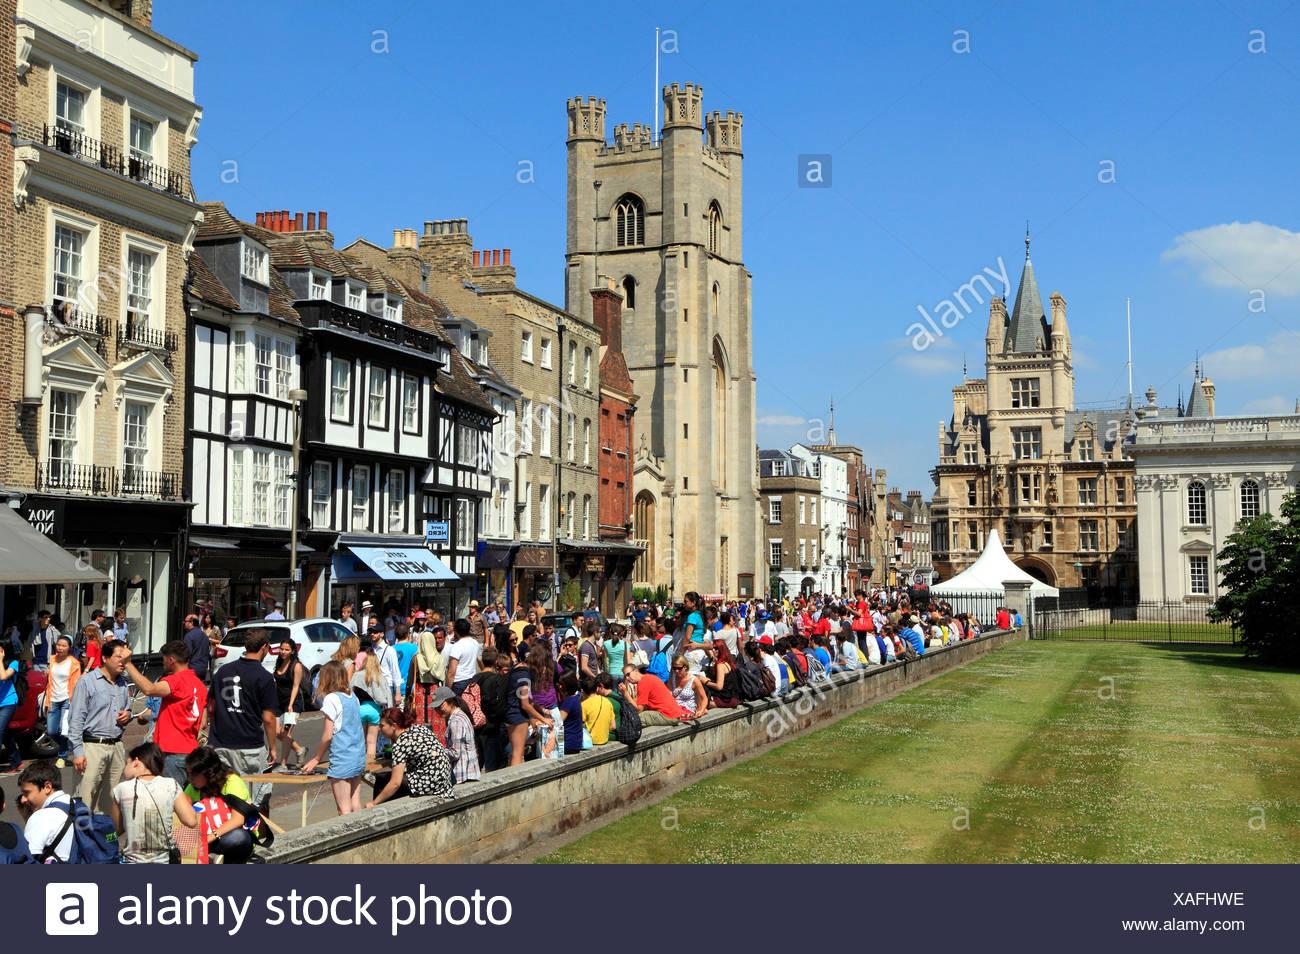 Kings parata e Grande chiesa di S. Maria, Cambridge, turisti, visitatori Cambridgeshire England Regno Unito Immagini Stock